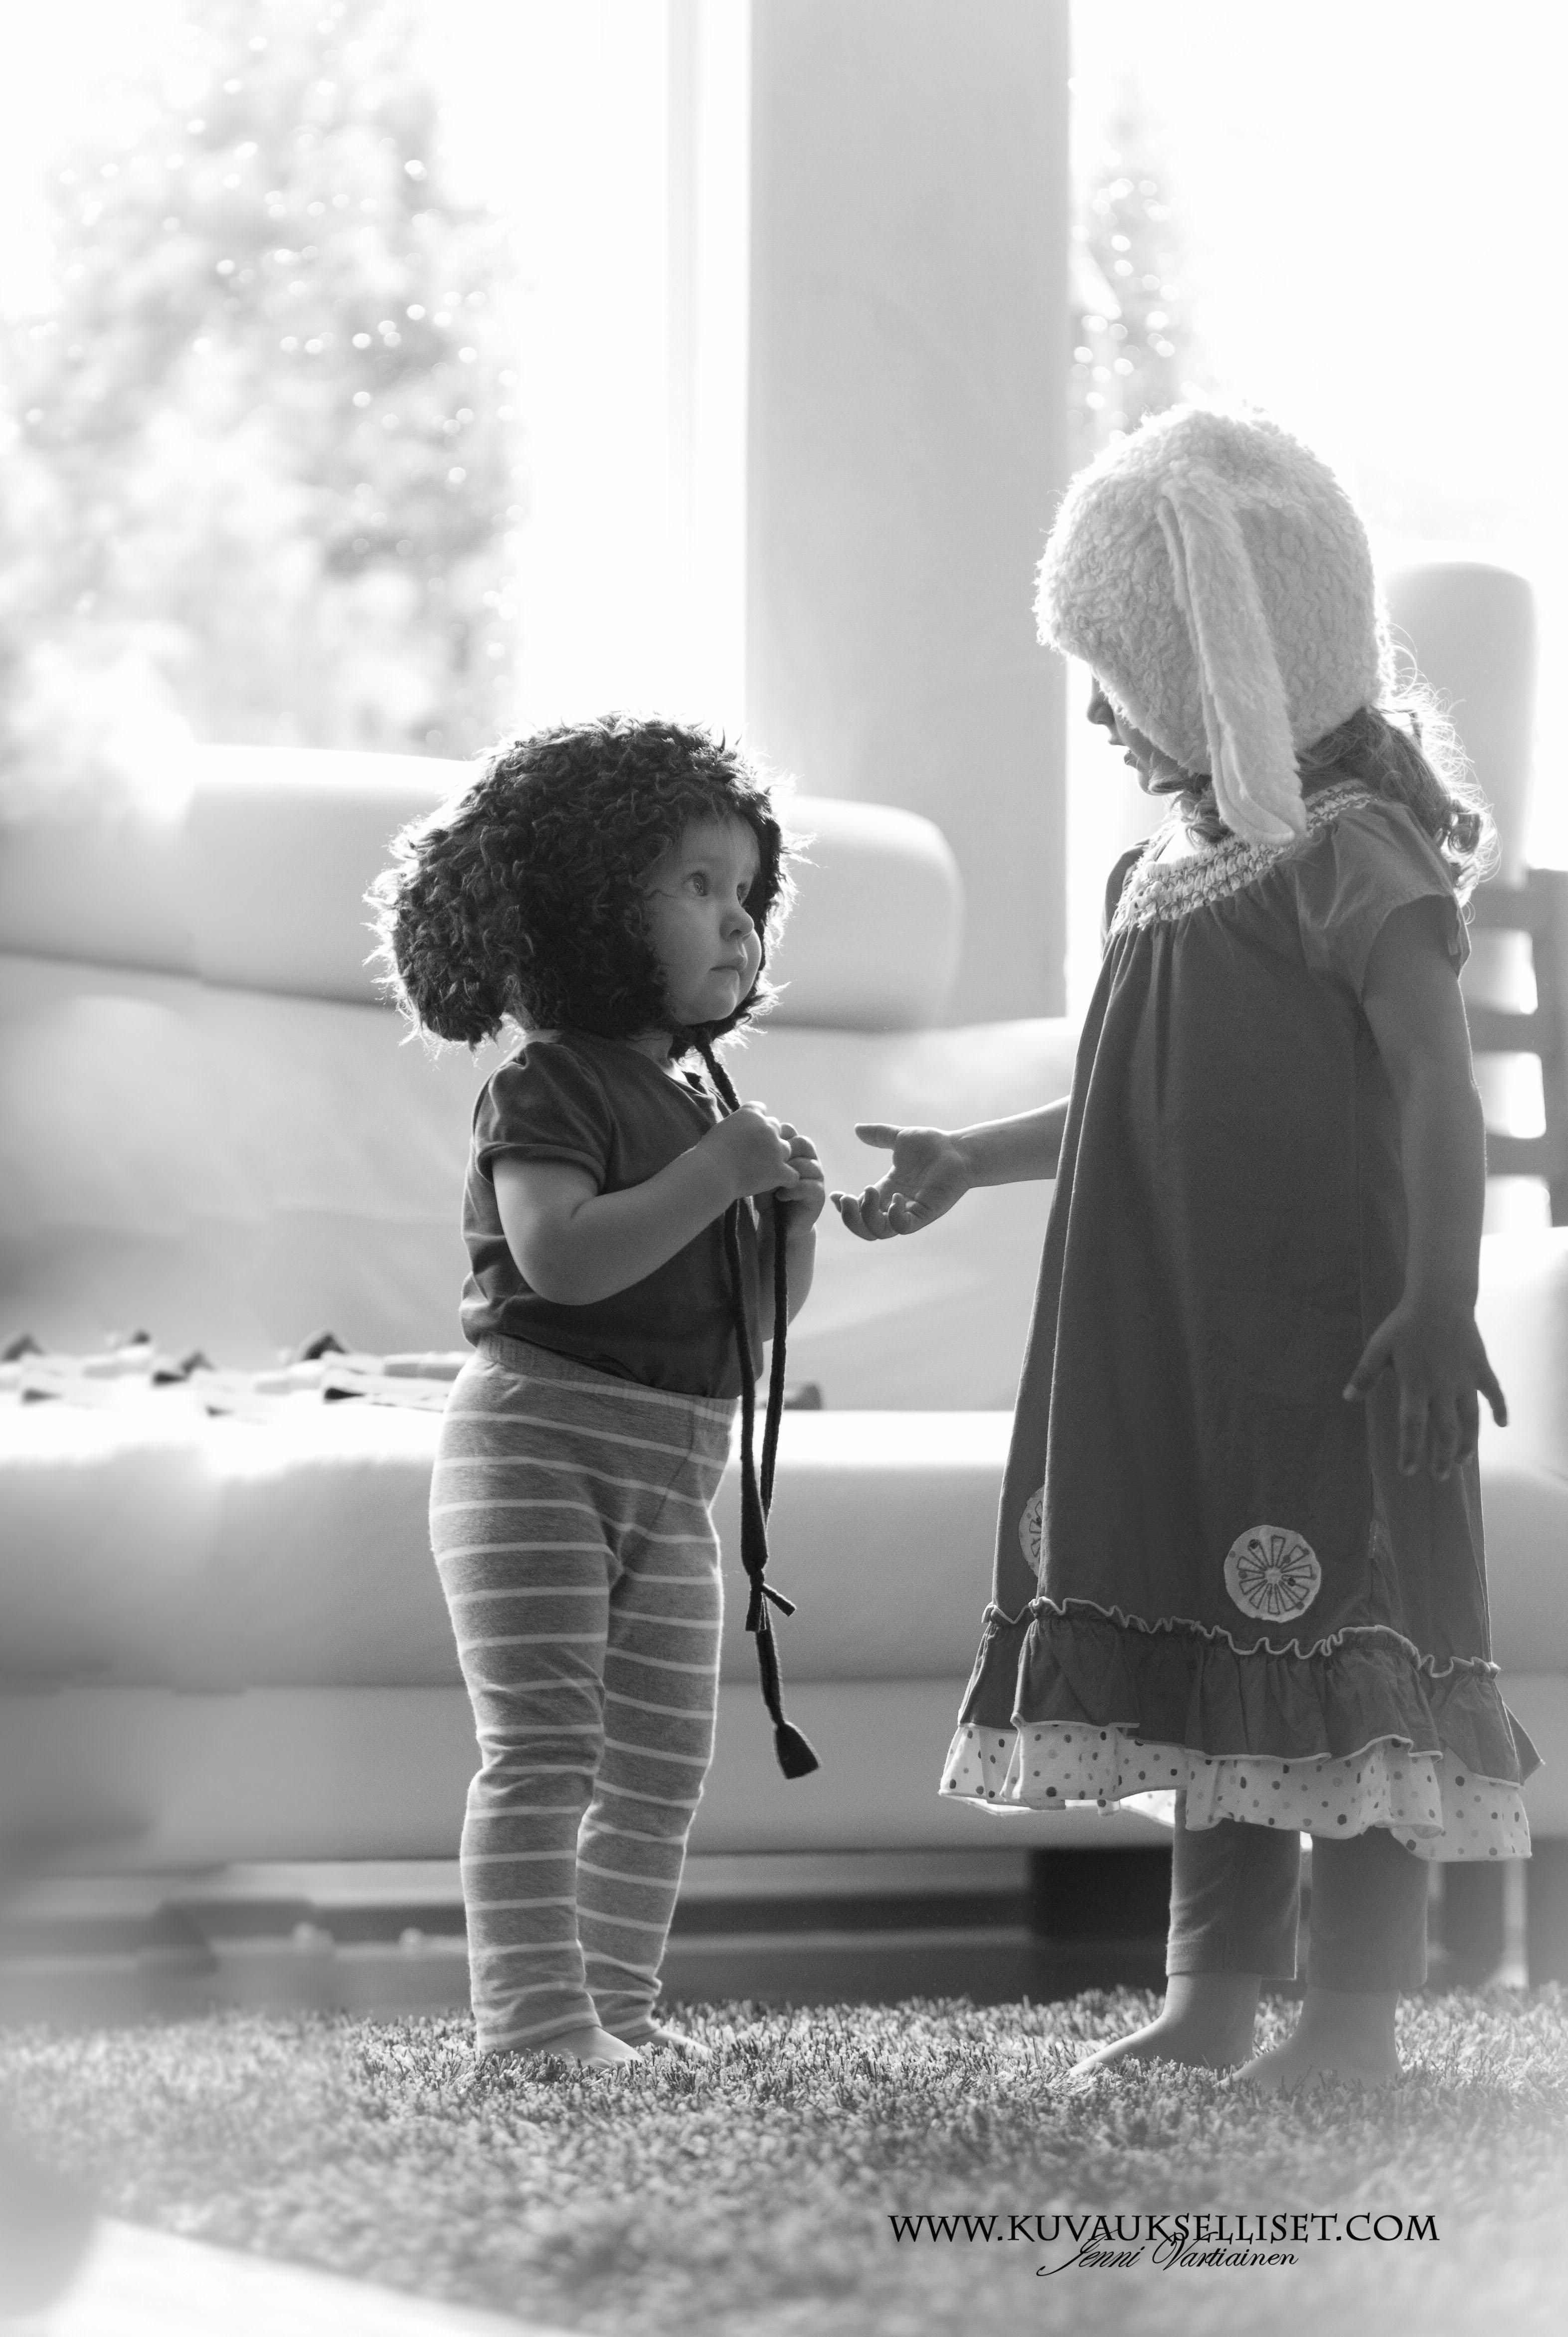 2014.7.30  Miljöökuvaus lapsikuvaus sisaruskuvaus Miljöökuvaus